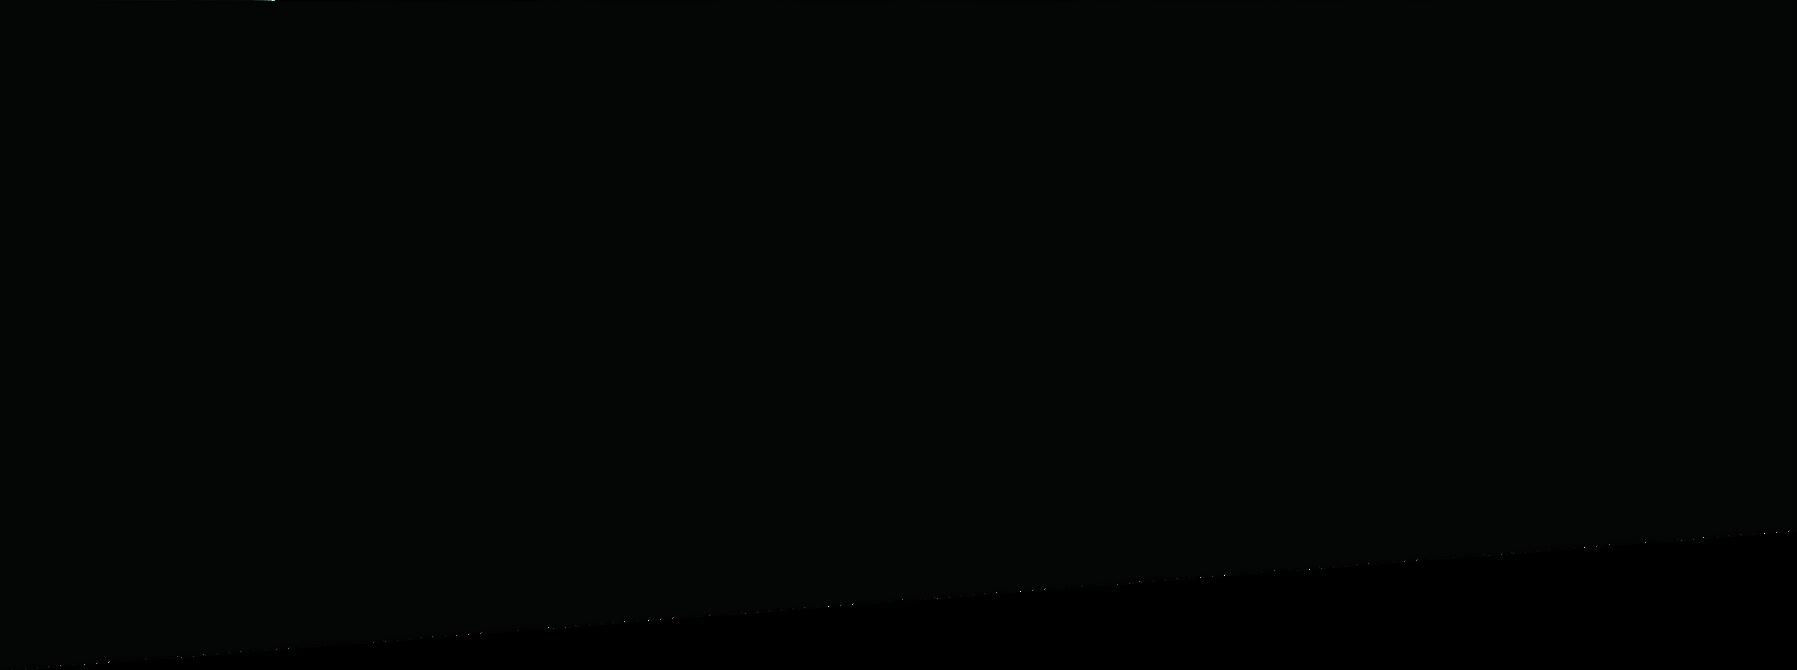 CROP-BLACK.png